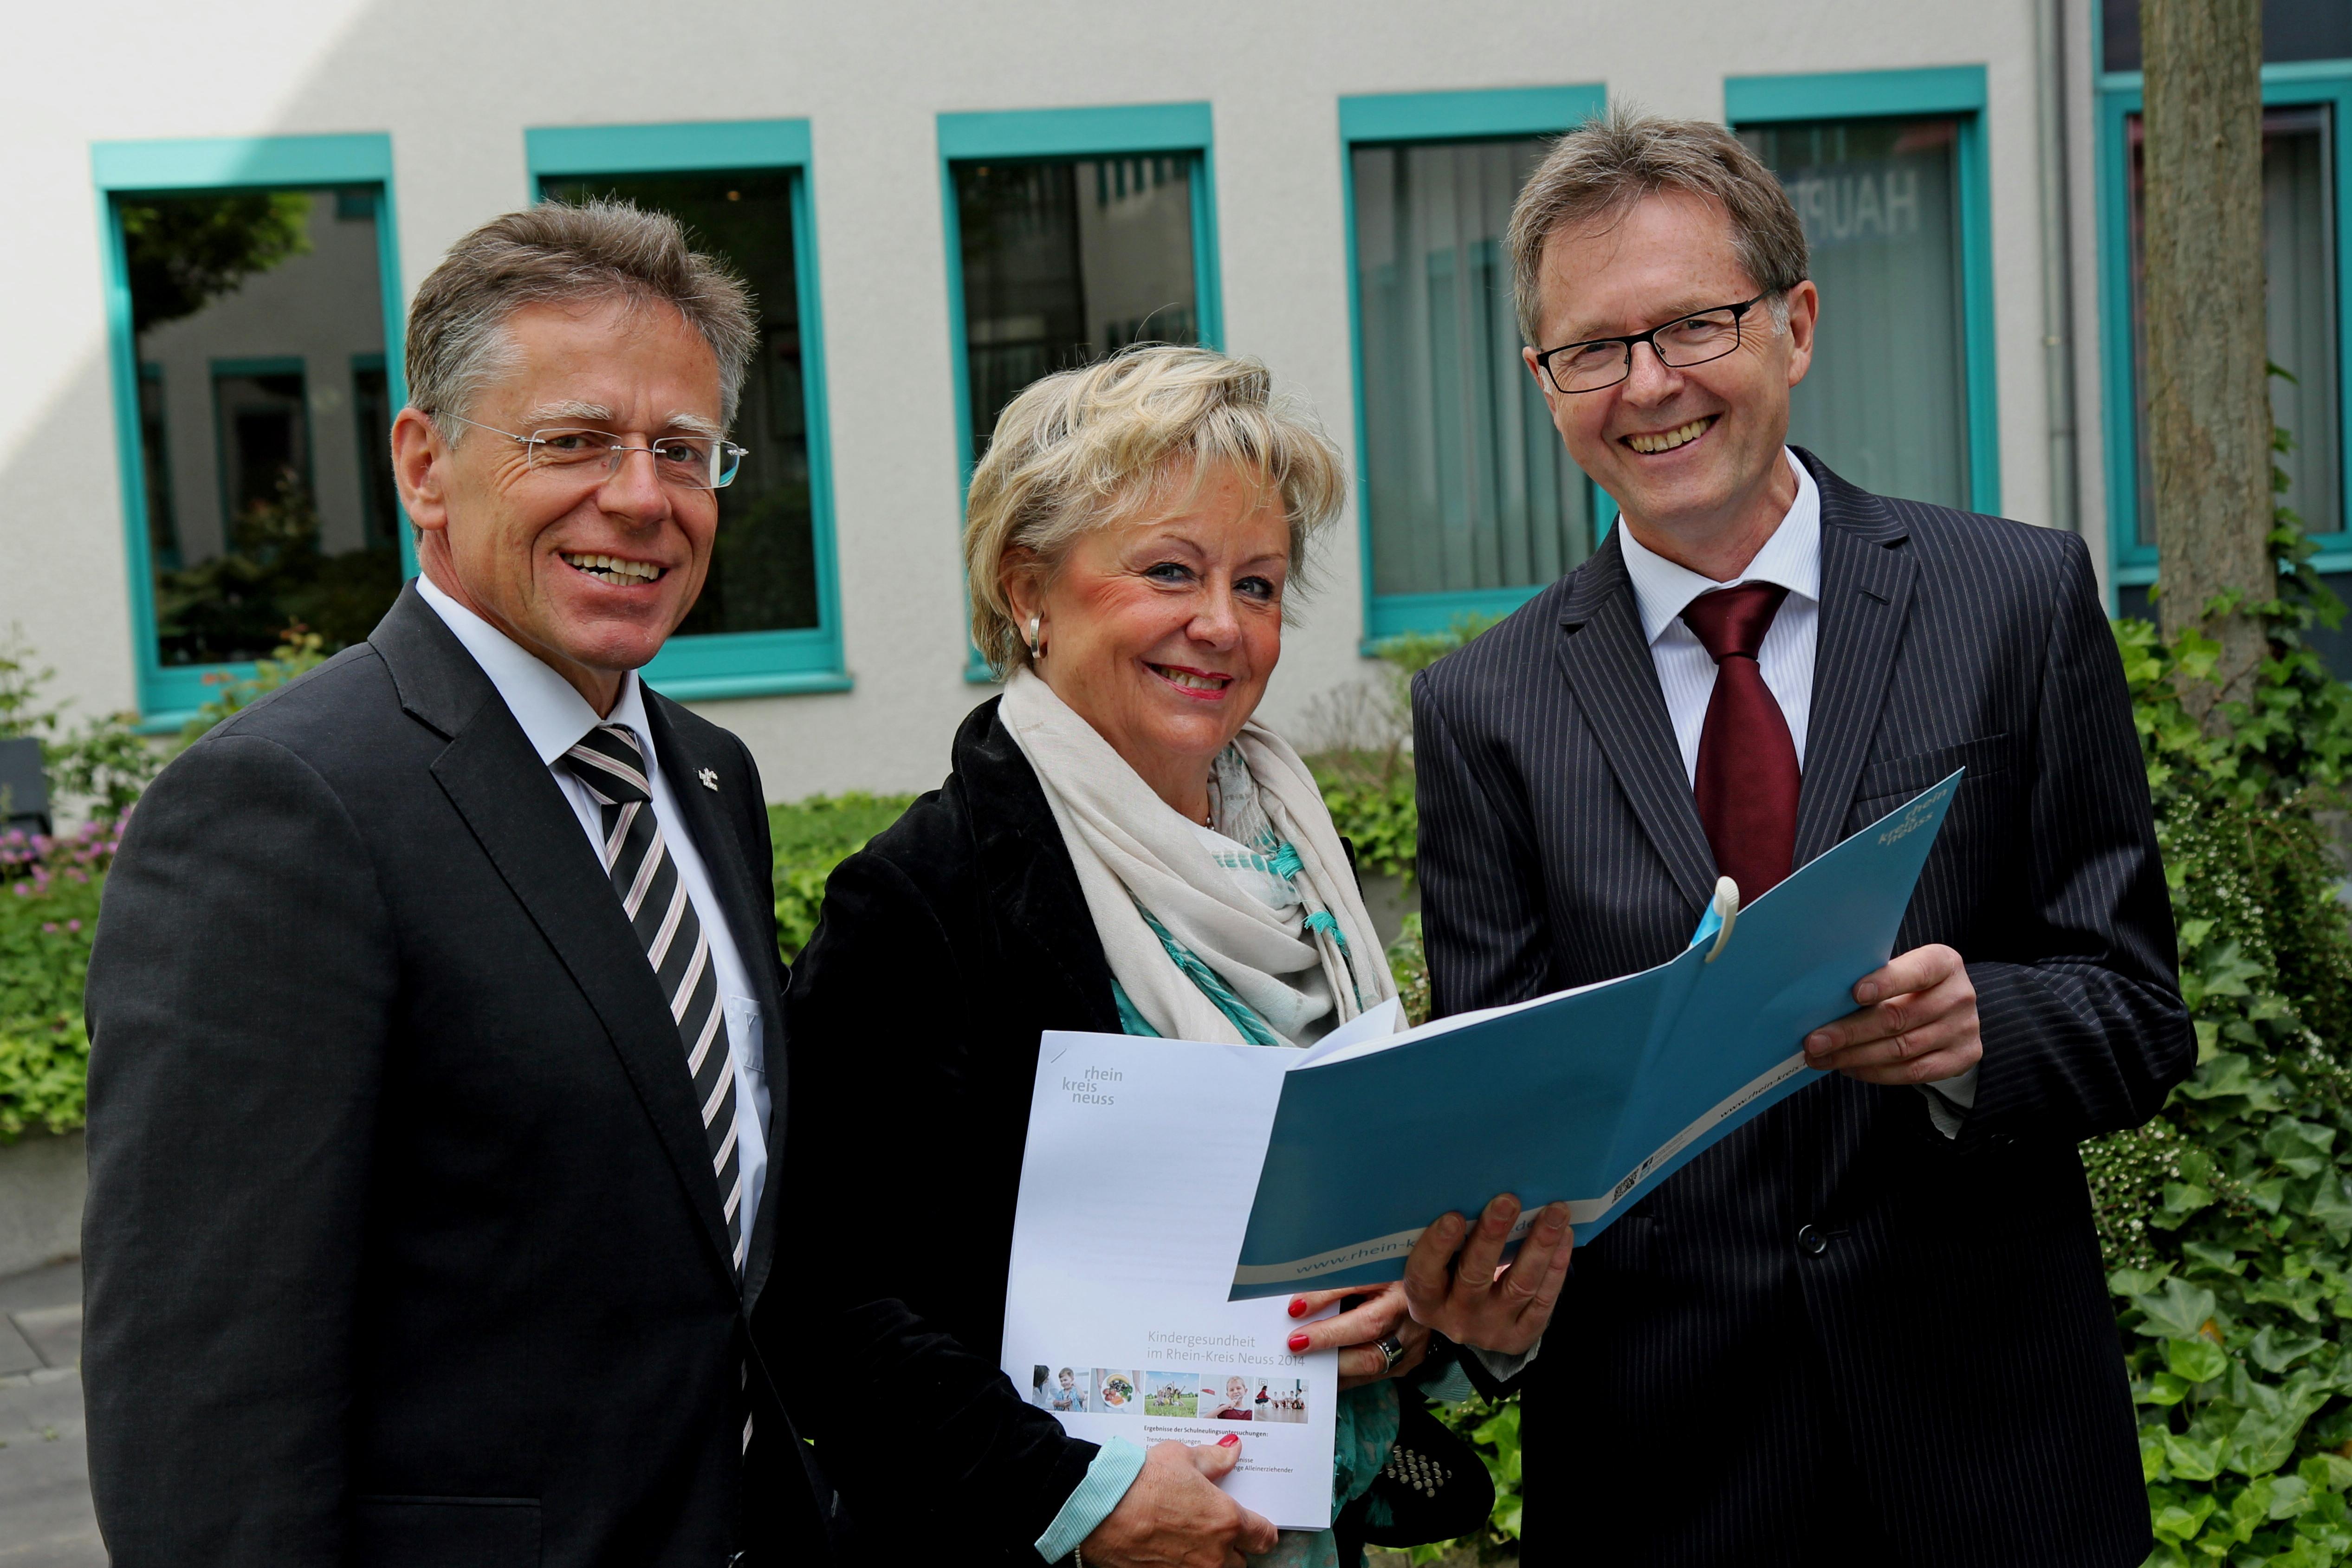 Ergebnisse der Schulneulingsuntersuchungen vorgelegt (von links): Landrat Hans-Jürgen Petrauschke, Dr. Beate Klapdor-Volmar und Dezernent Karsten Mankowsky (Foto: Rhein-Kreis Neuss)